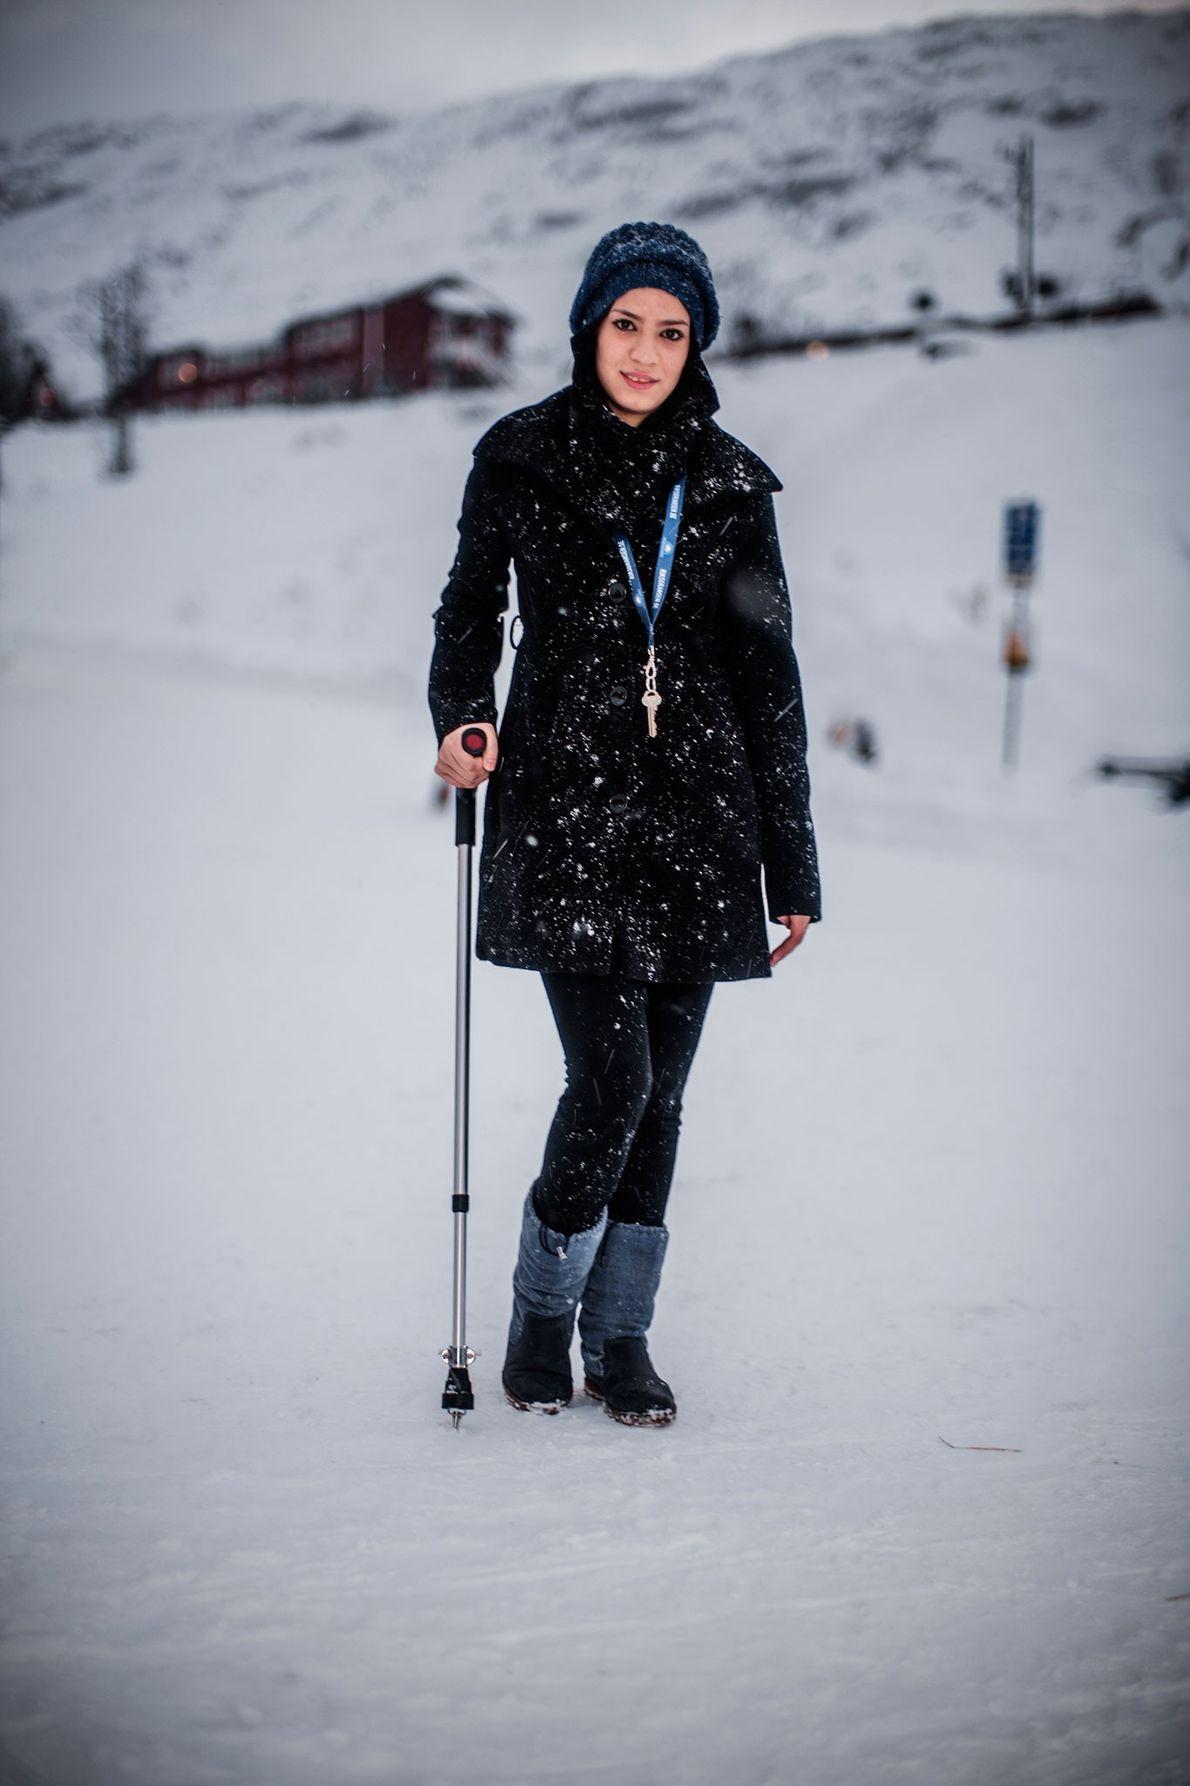 Image de Roya Hosseini, 14 ans, qui s'est enfuie avec sa famille en Suède